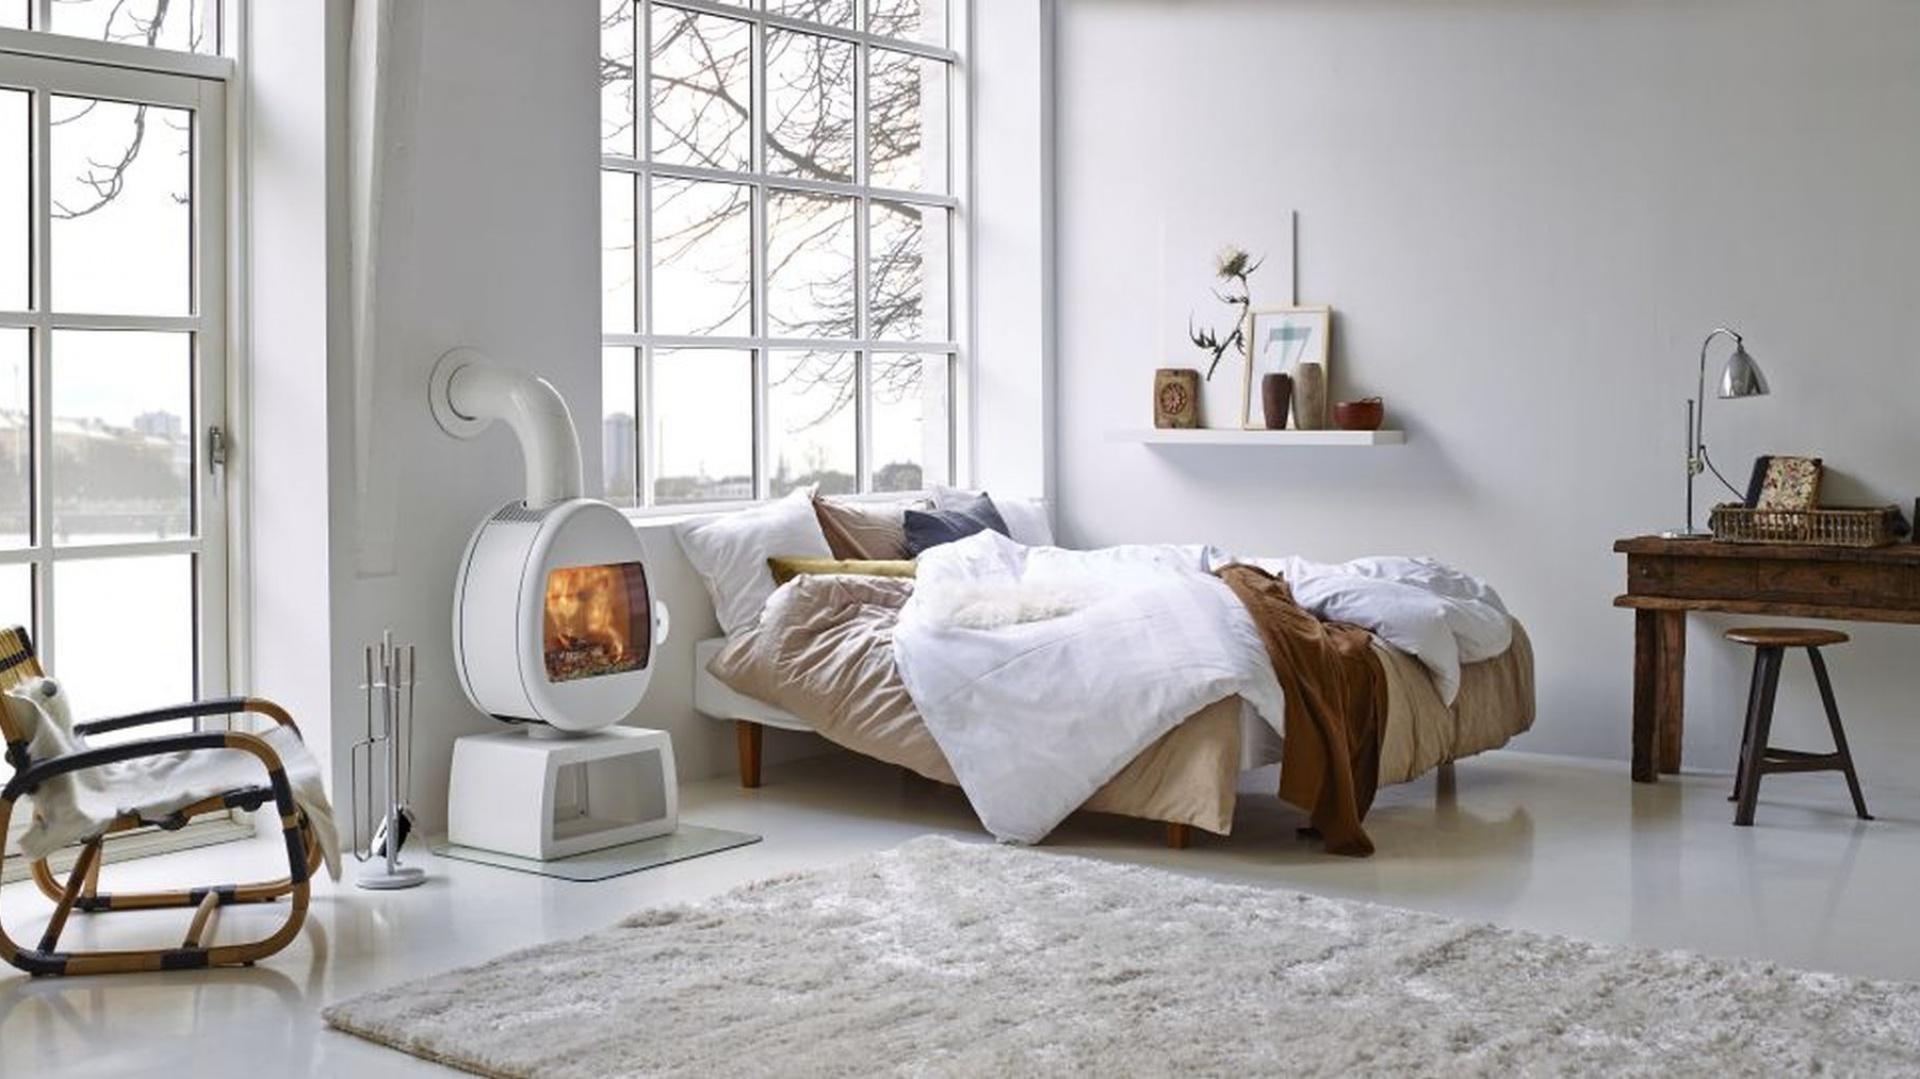 Piec wolno stojący Scan marki Jotul to niewielkie urządzenie, które zapewni wyjątkowe ciepło w pomieszczeniu. Ma proste kształty, przez co pasuje doskonale do wnętrz w nowoczesnym lub skandynawskim stylu. Fot. Jotul.